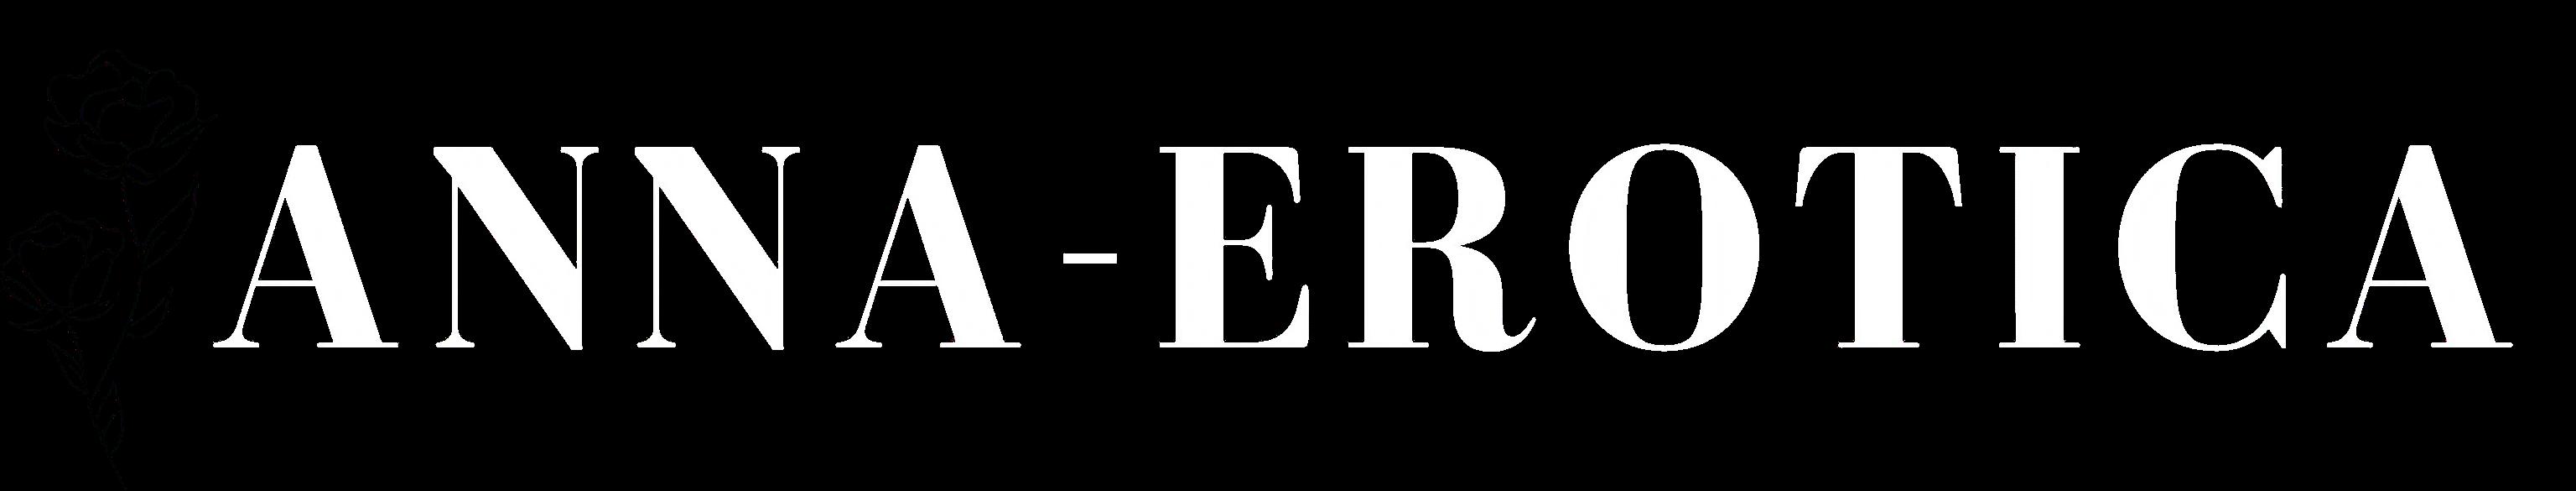 Anna-Erotica